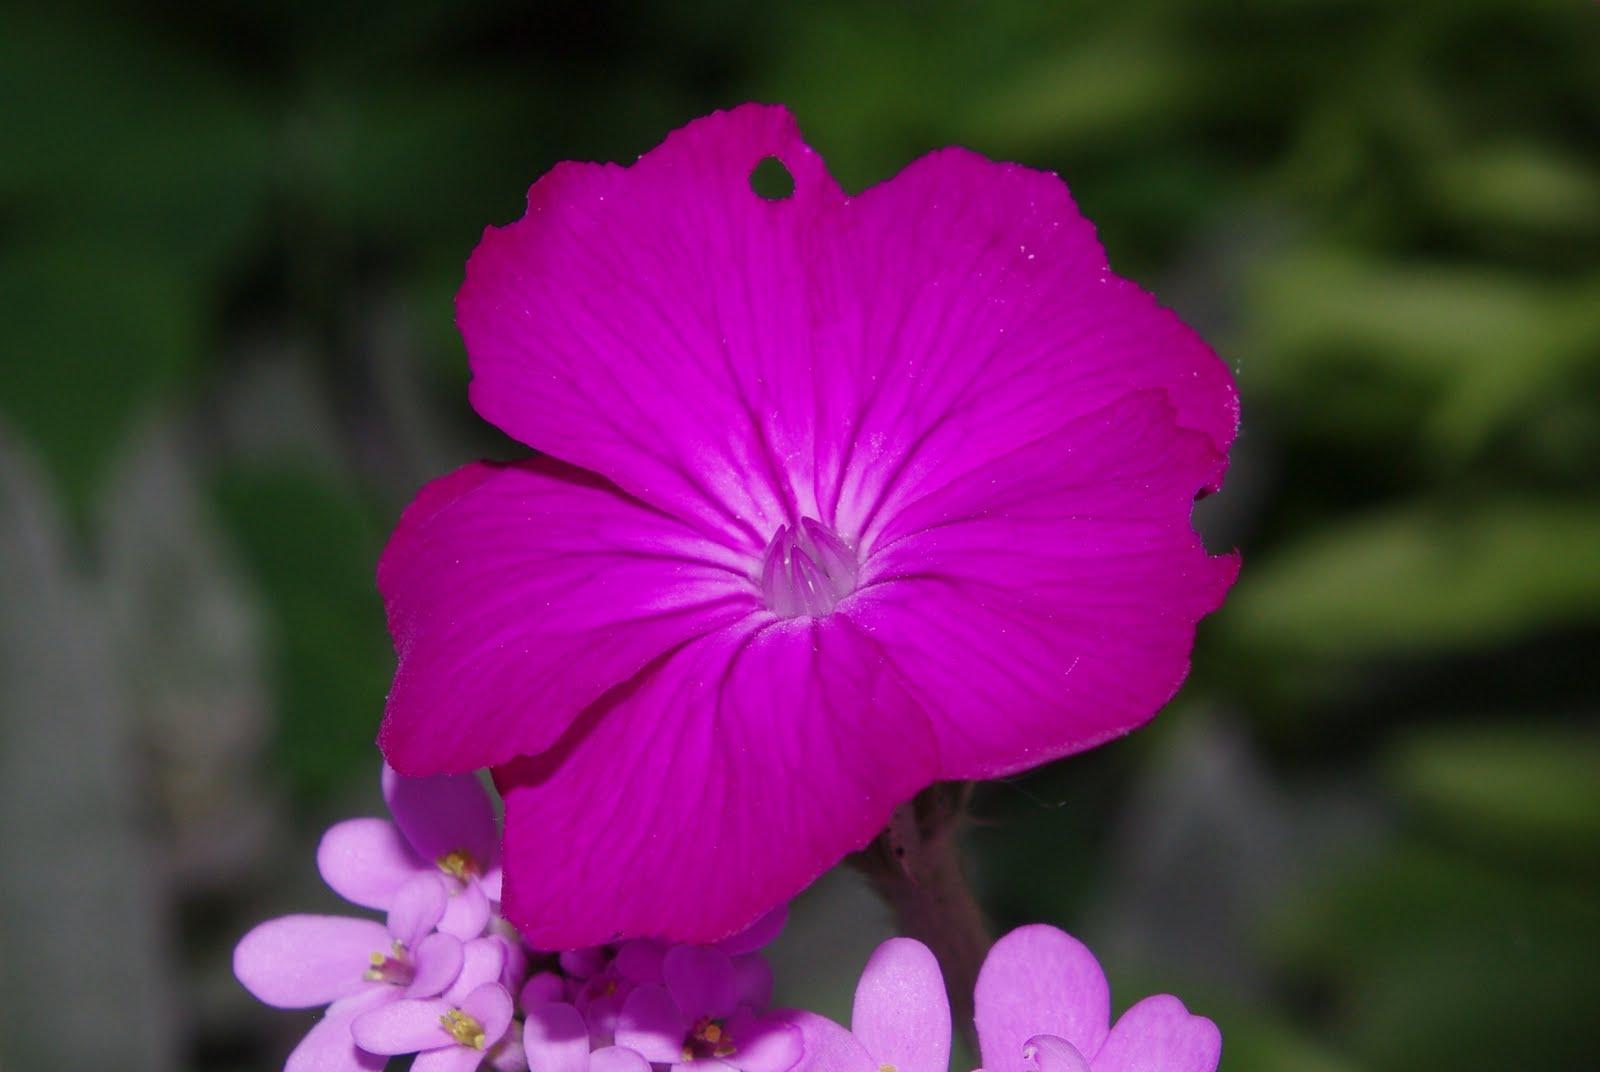 Flore en valois coquelourde des jardins lychnis coronaria - Coquelourde des jardins lychnis coronaria ...